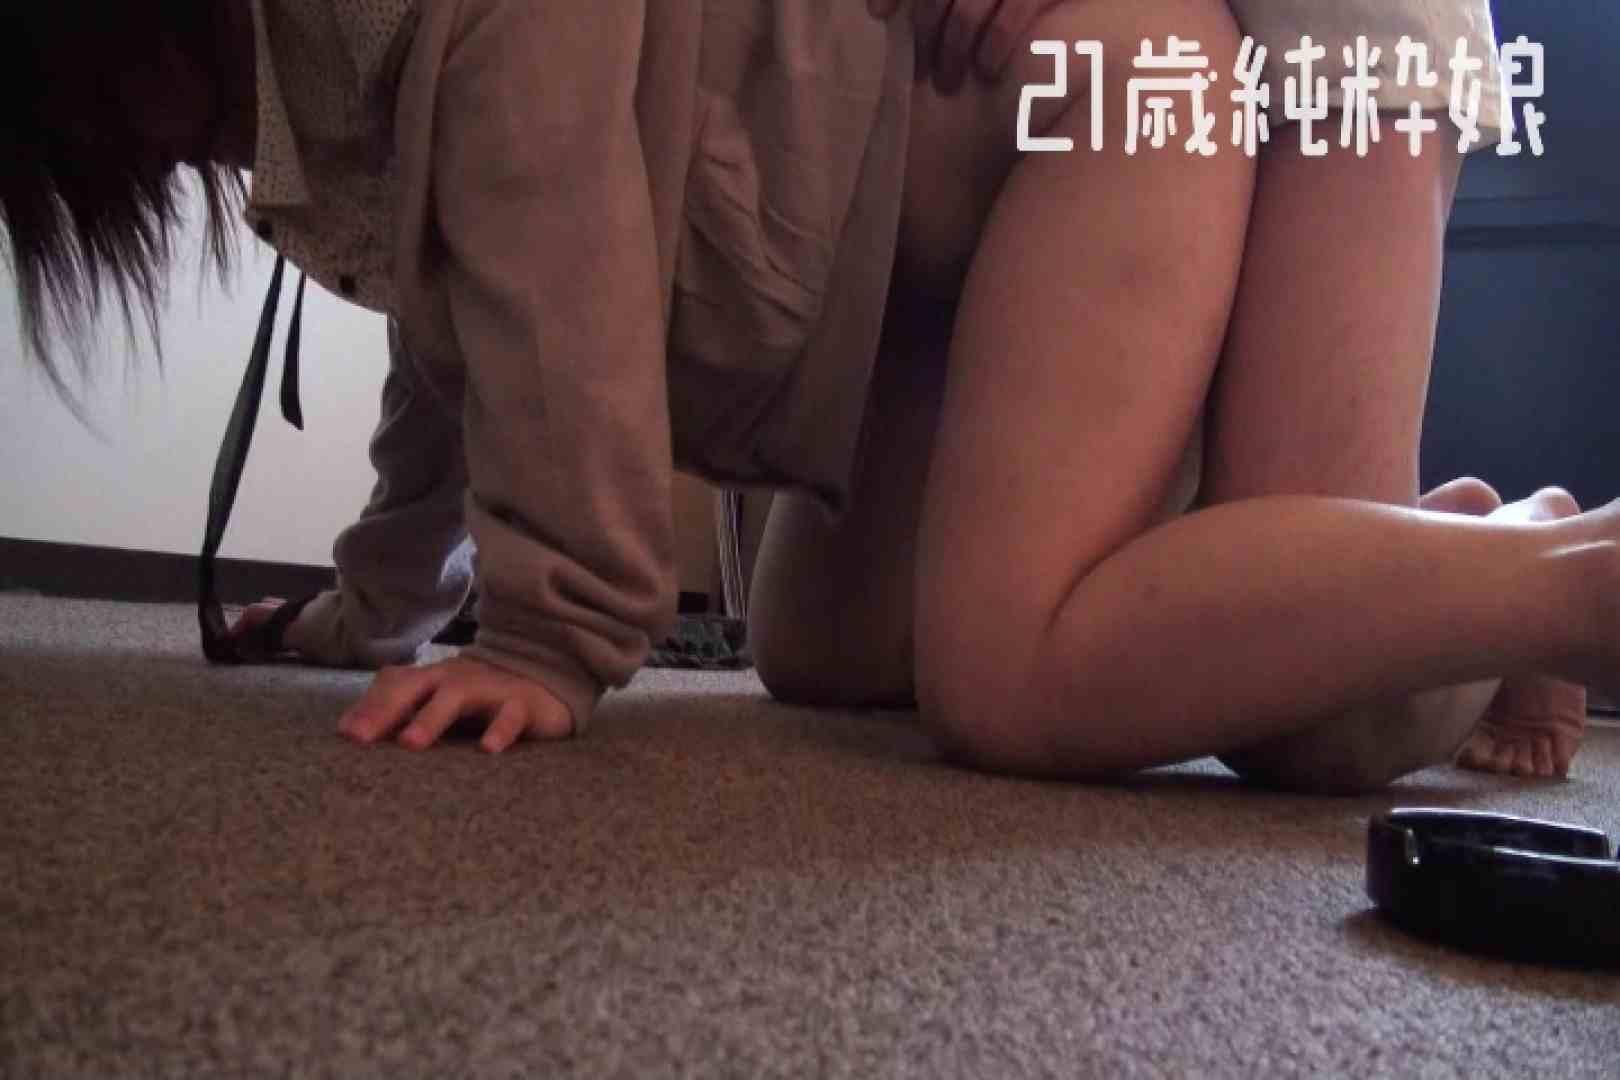 Gカップ21歳純粋嬢第2弾Vol.3 学校潜入  53PIX 46